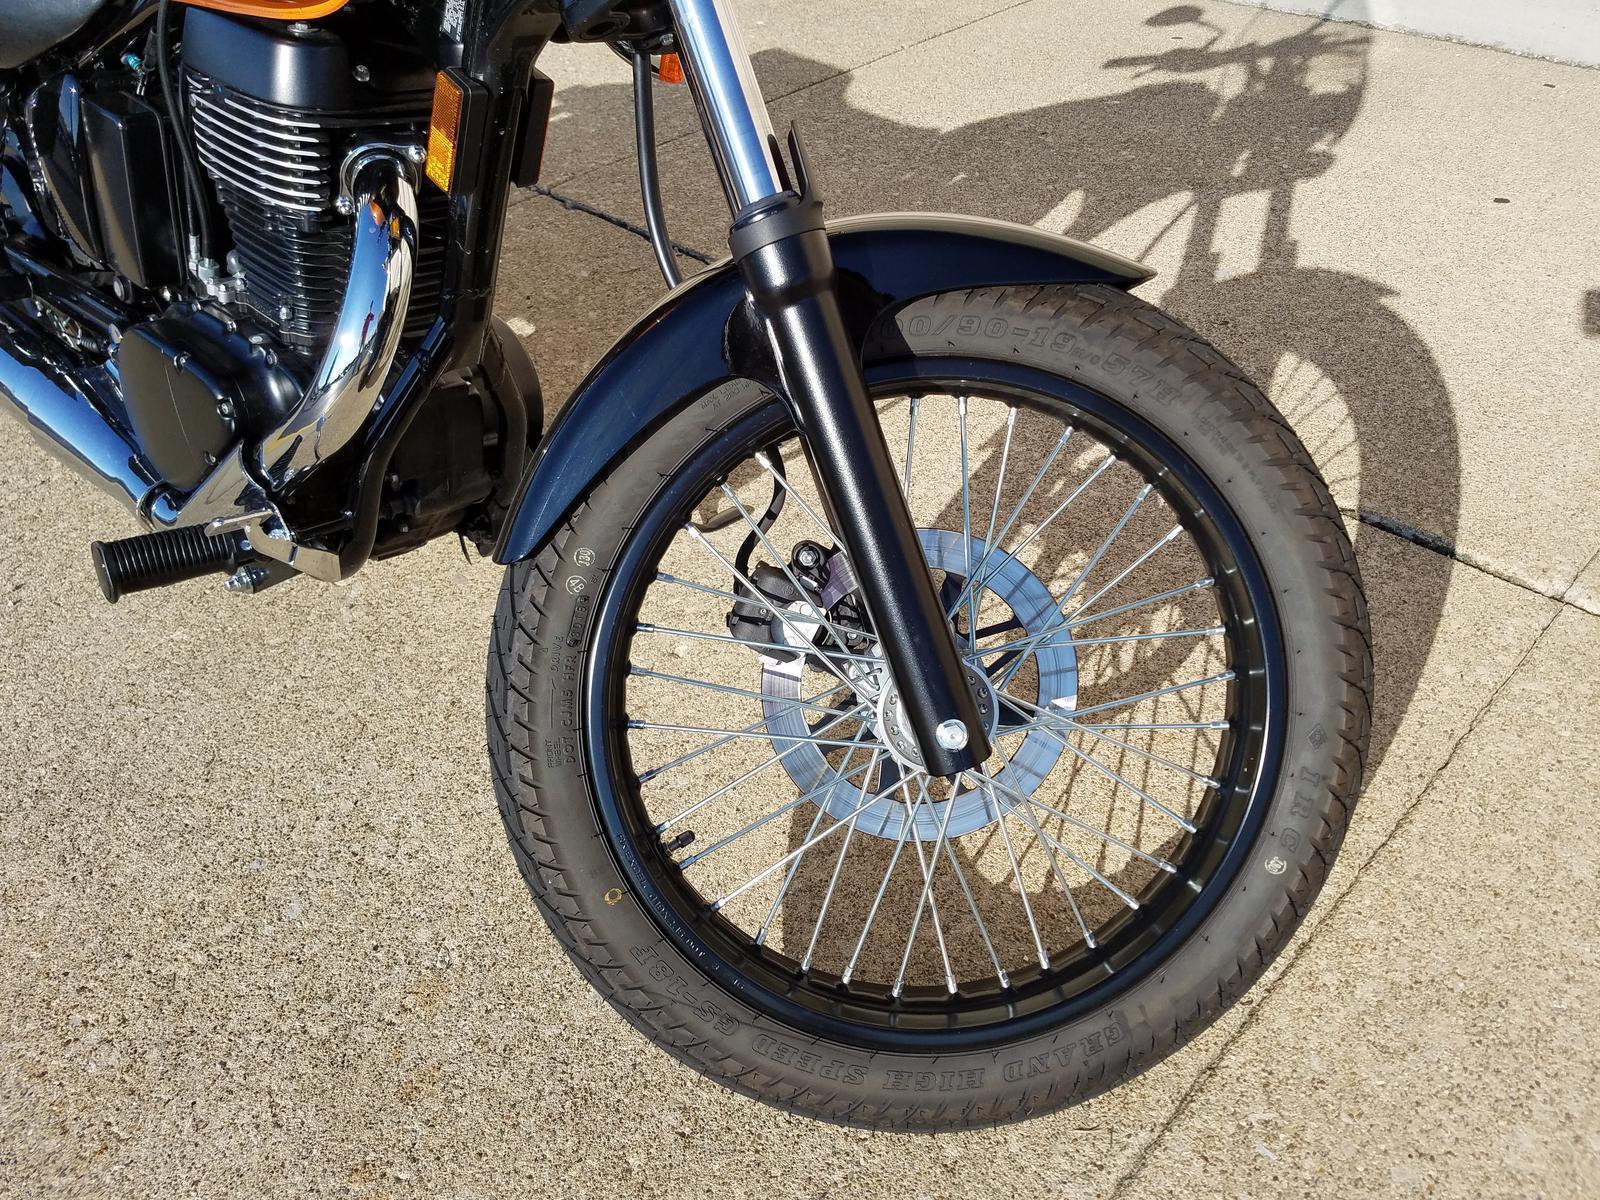 wiring schematic suzuki drag bike 19 16 ulrich temme de u2022 rh 19 16 ulrich temme